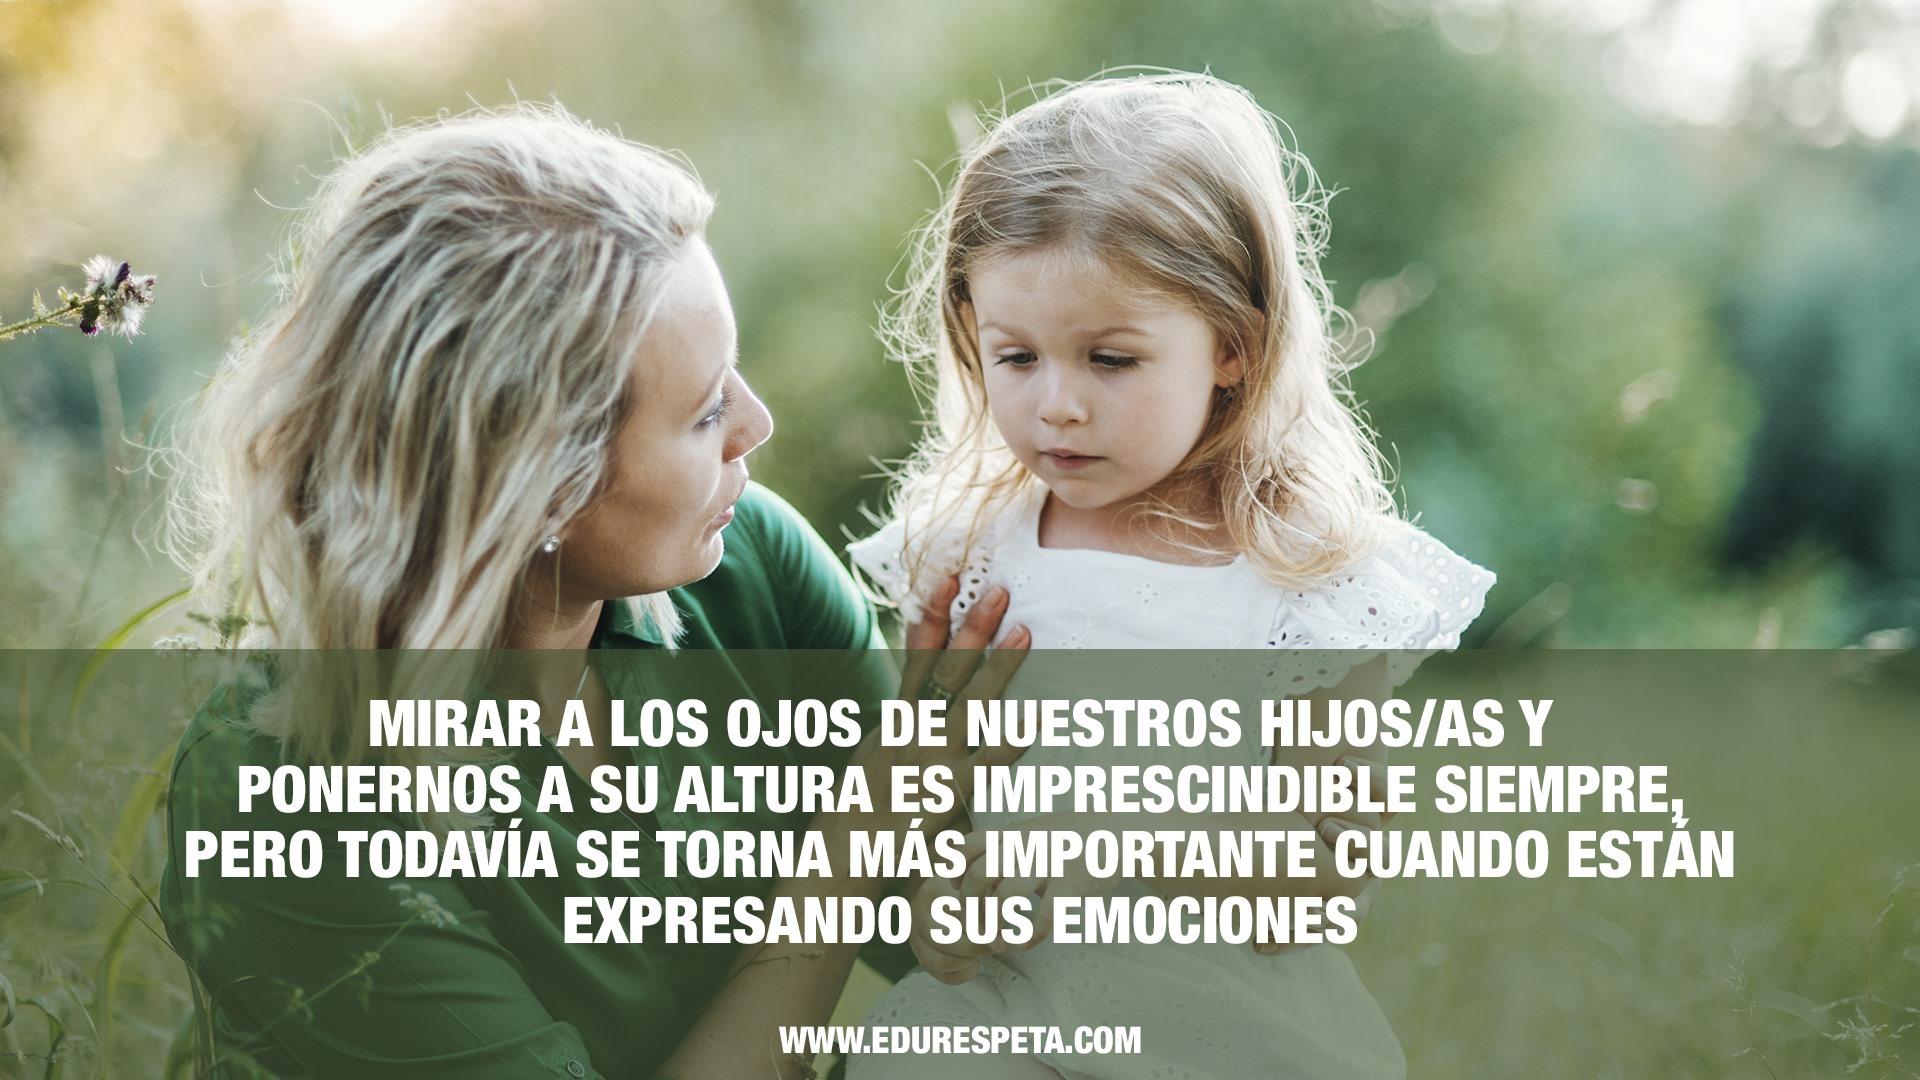 Mirar a los ojos de nuestros hijos/as y ponernos a su altura es imprescindible siempre pero todavía se torna más importante cuando están expresando sus emociones